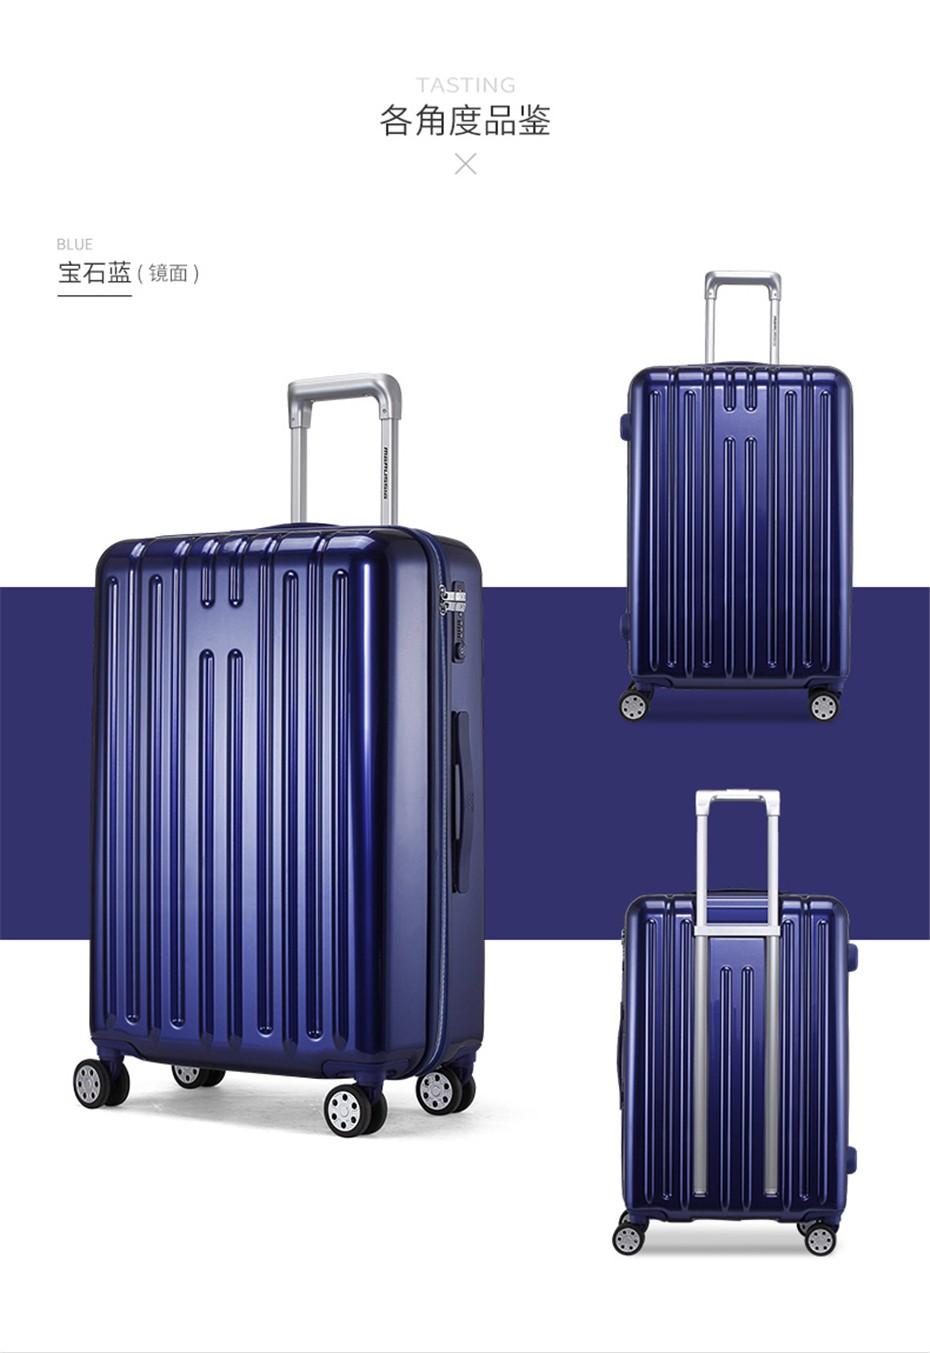 廣東鏡麵PC時尚旅行行李拉杆箱包廠家